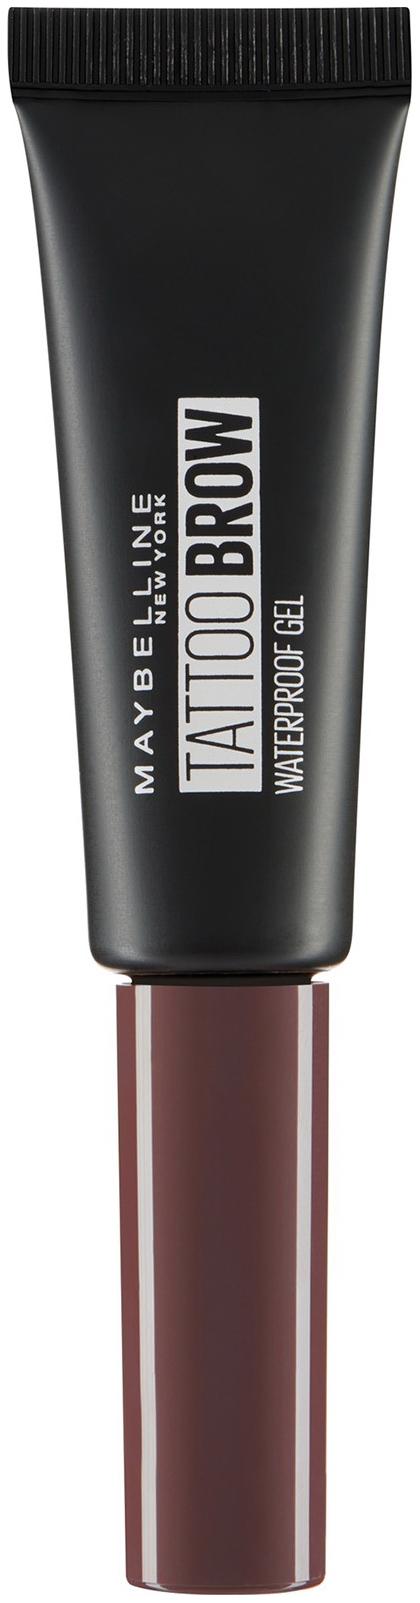 Водостойкий гель для бровей Maybelline Tattoo Brow